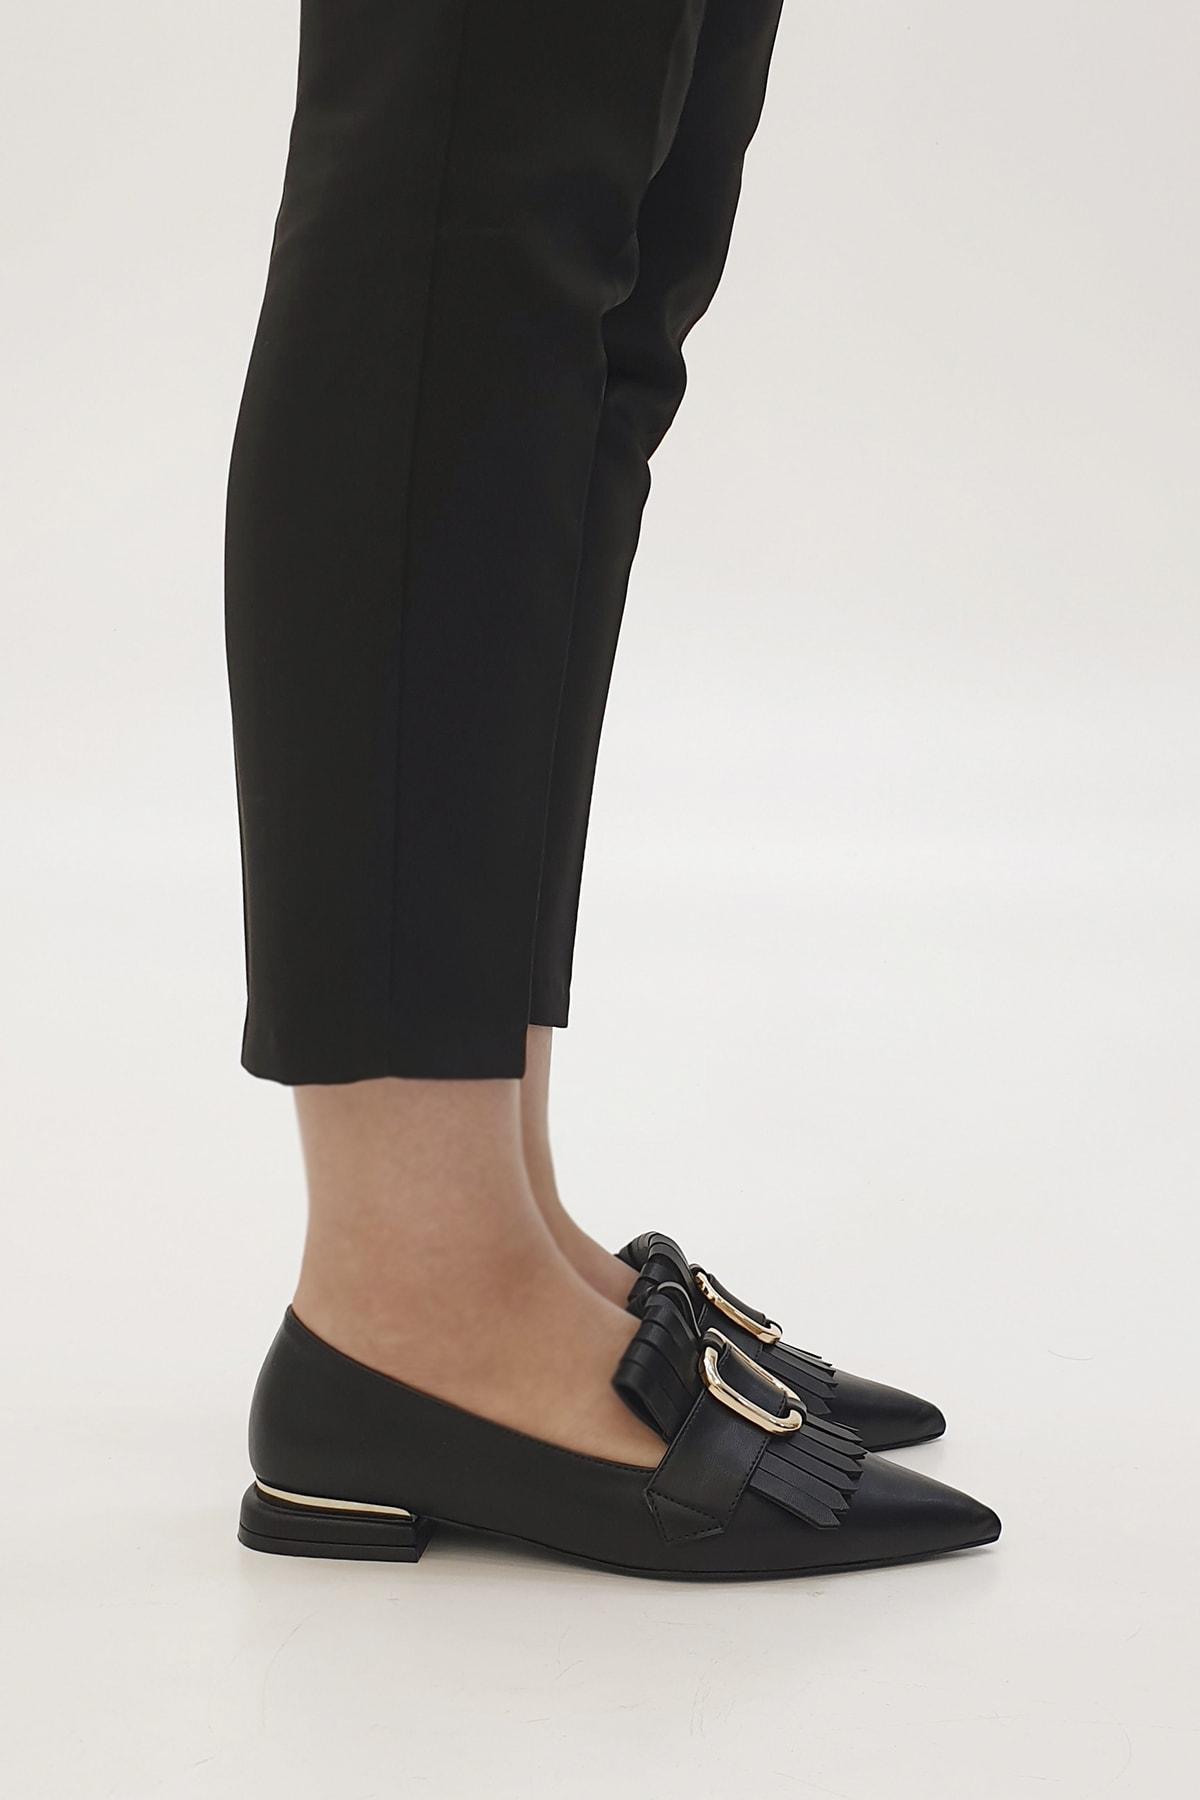 Marjin Siyah Kadın Novle Klasik Topuklu Ayakkabı 20Y0016RB2427 1